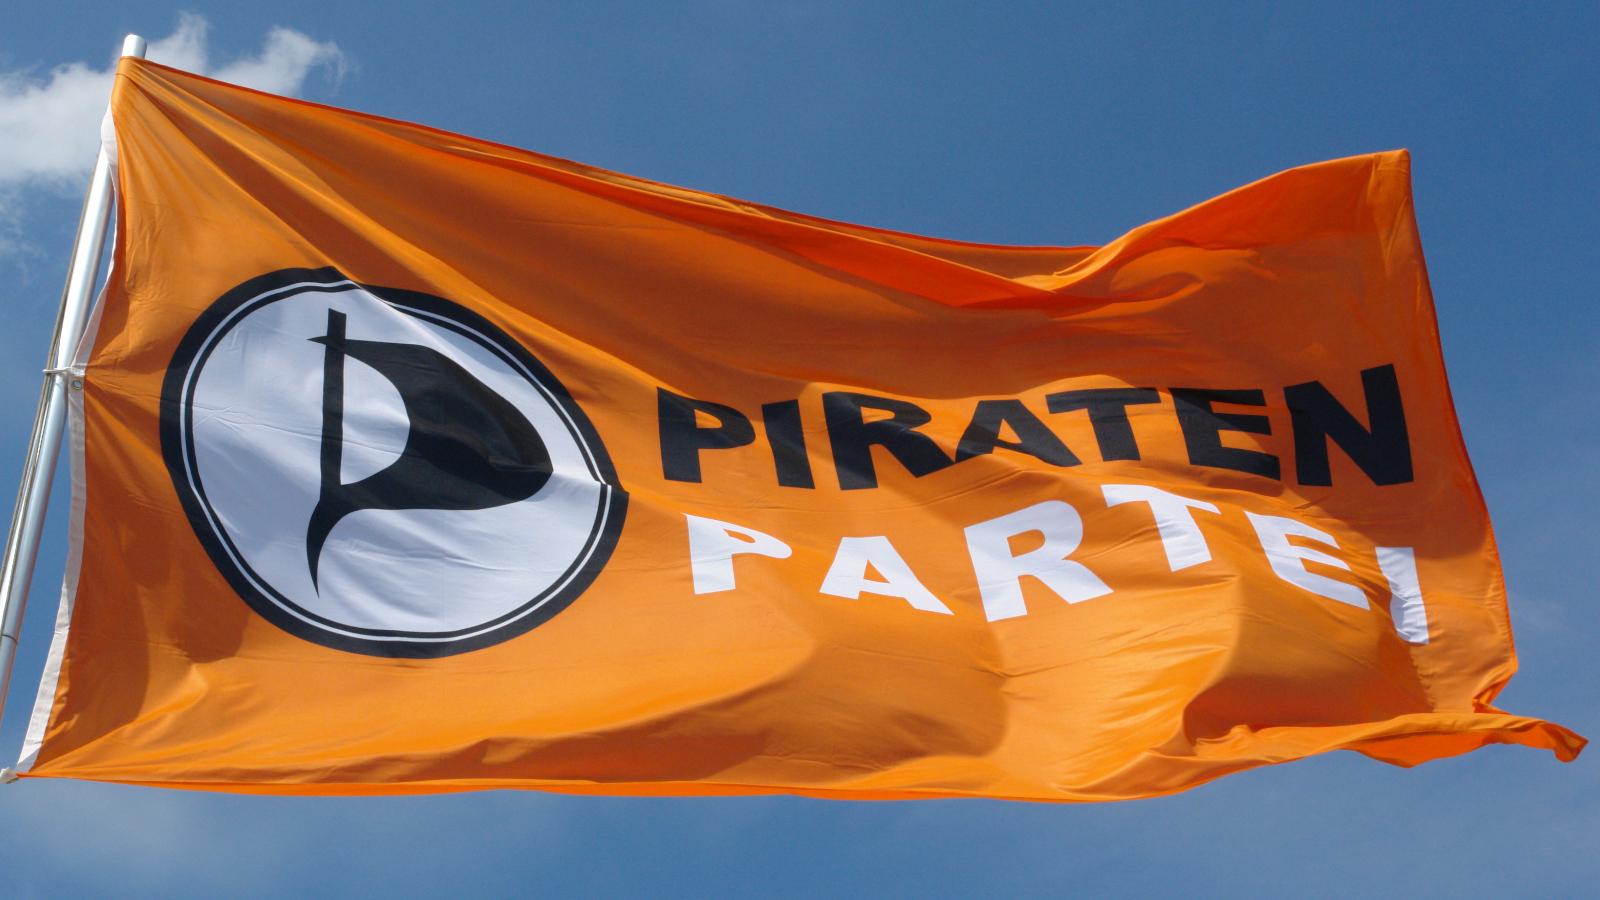 Nrw Piraten